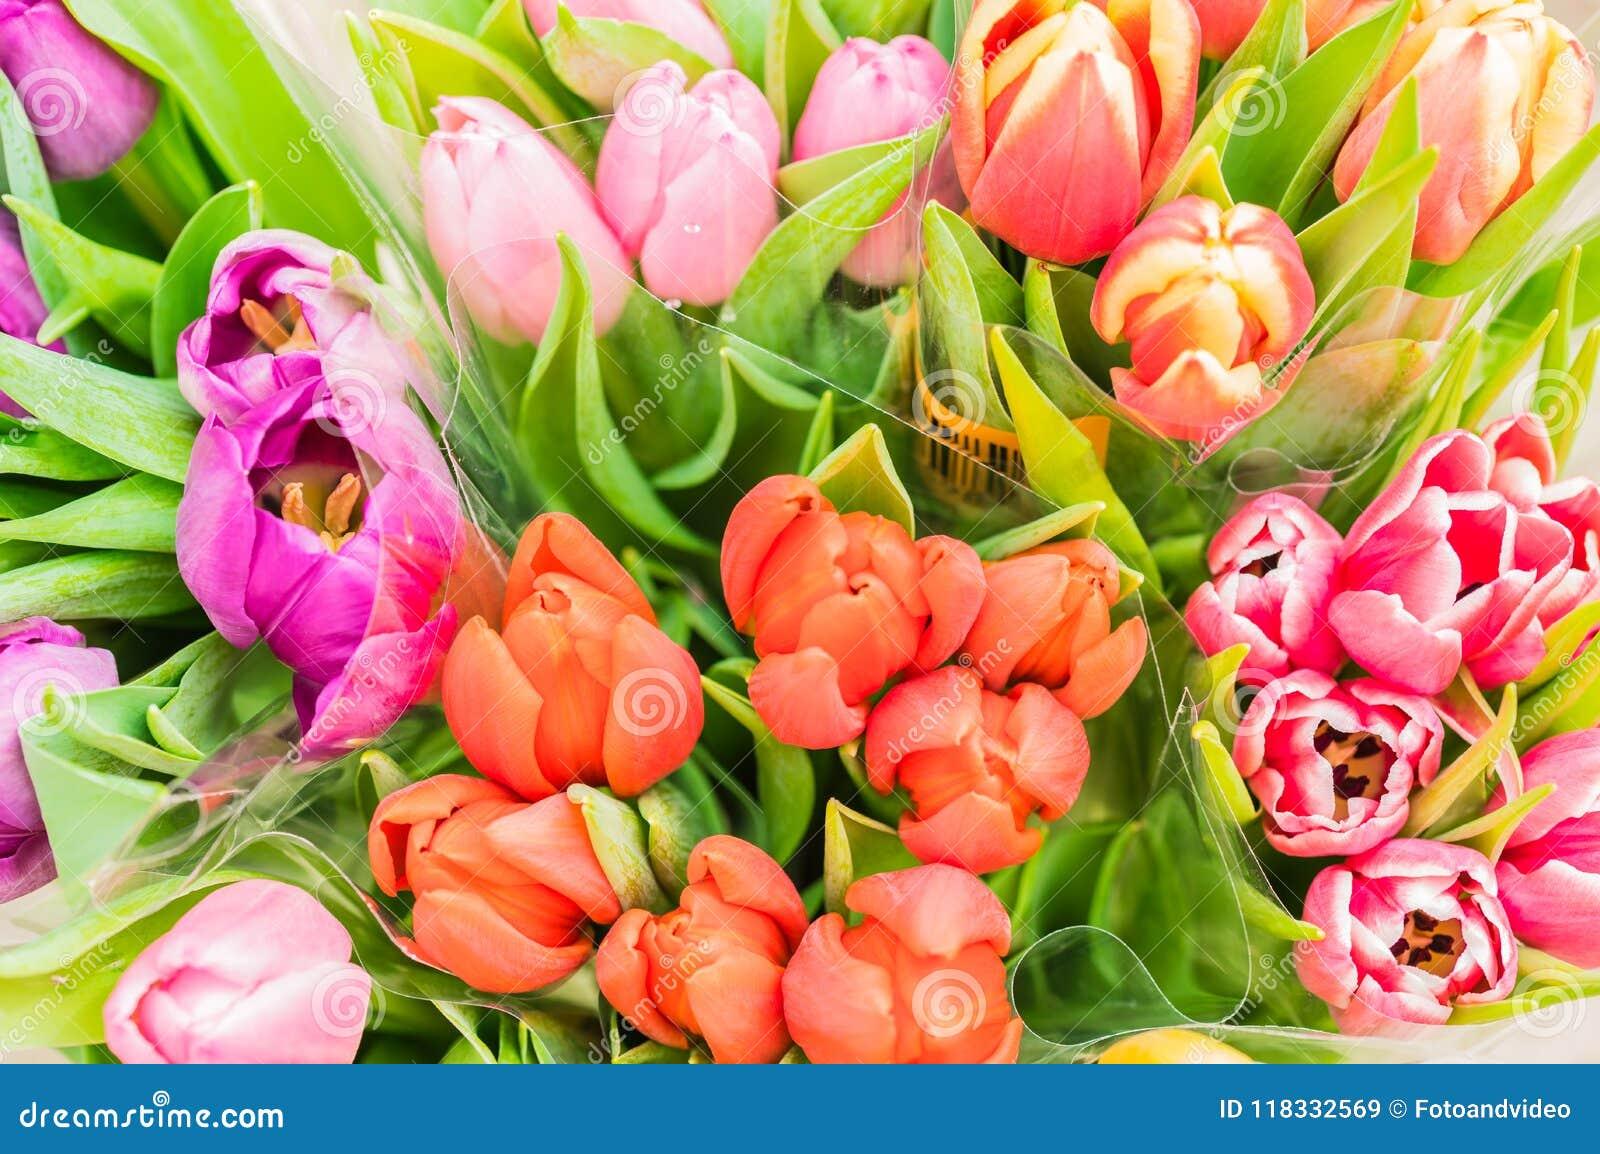 Os grupos da mola colorido das tulipas florescem, vista superior